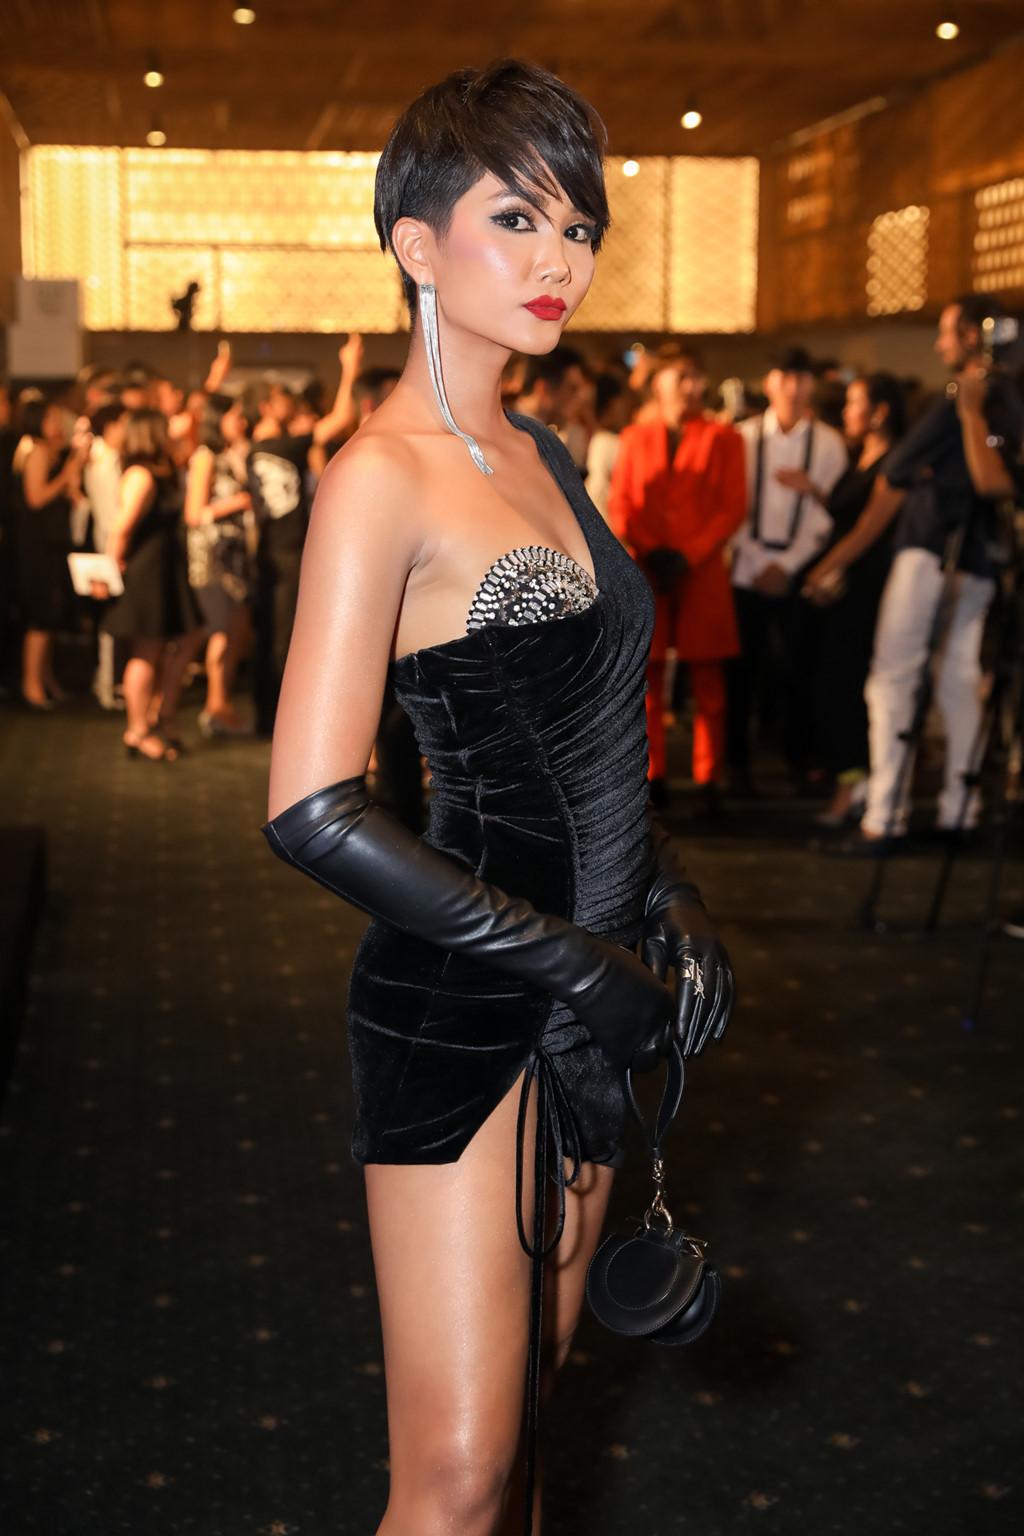 Là hoa hậu Việt duy nhất sở hữu mái tóc tém cá tính ở thời điểm này, H